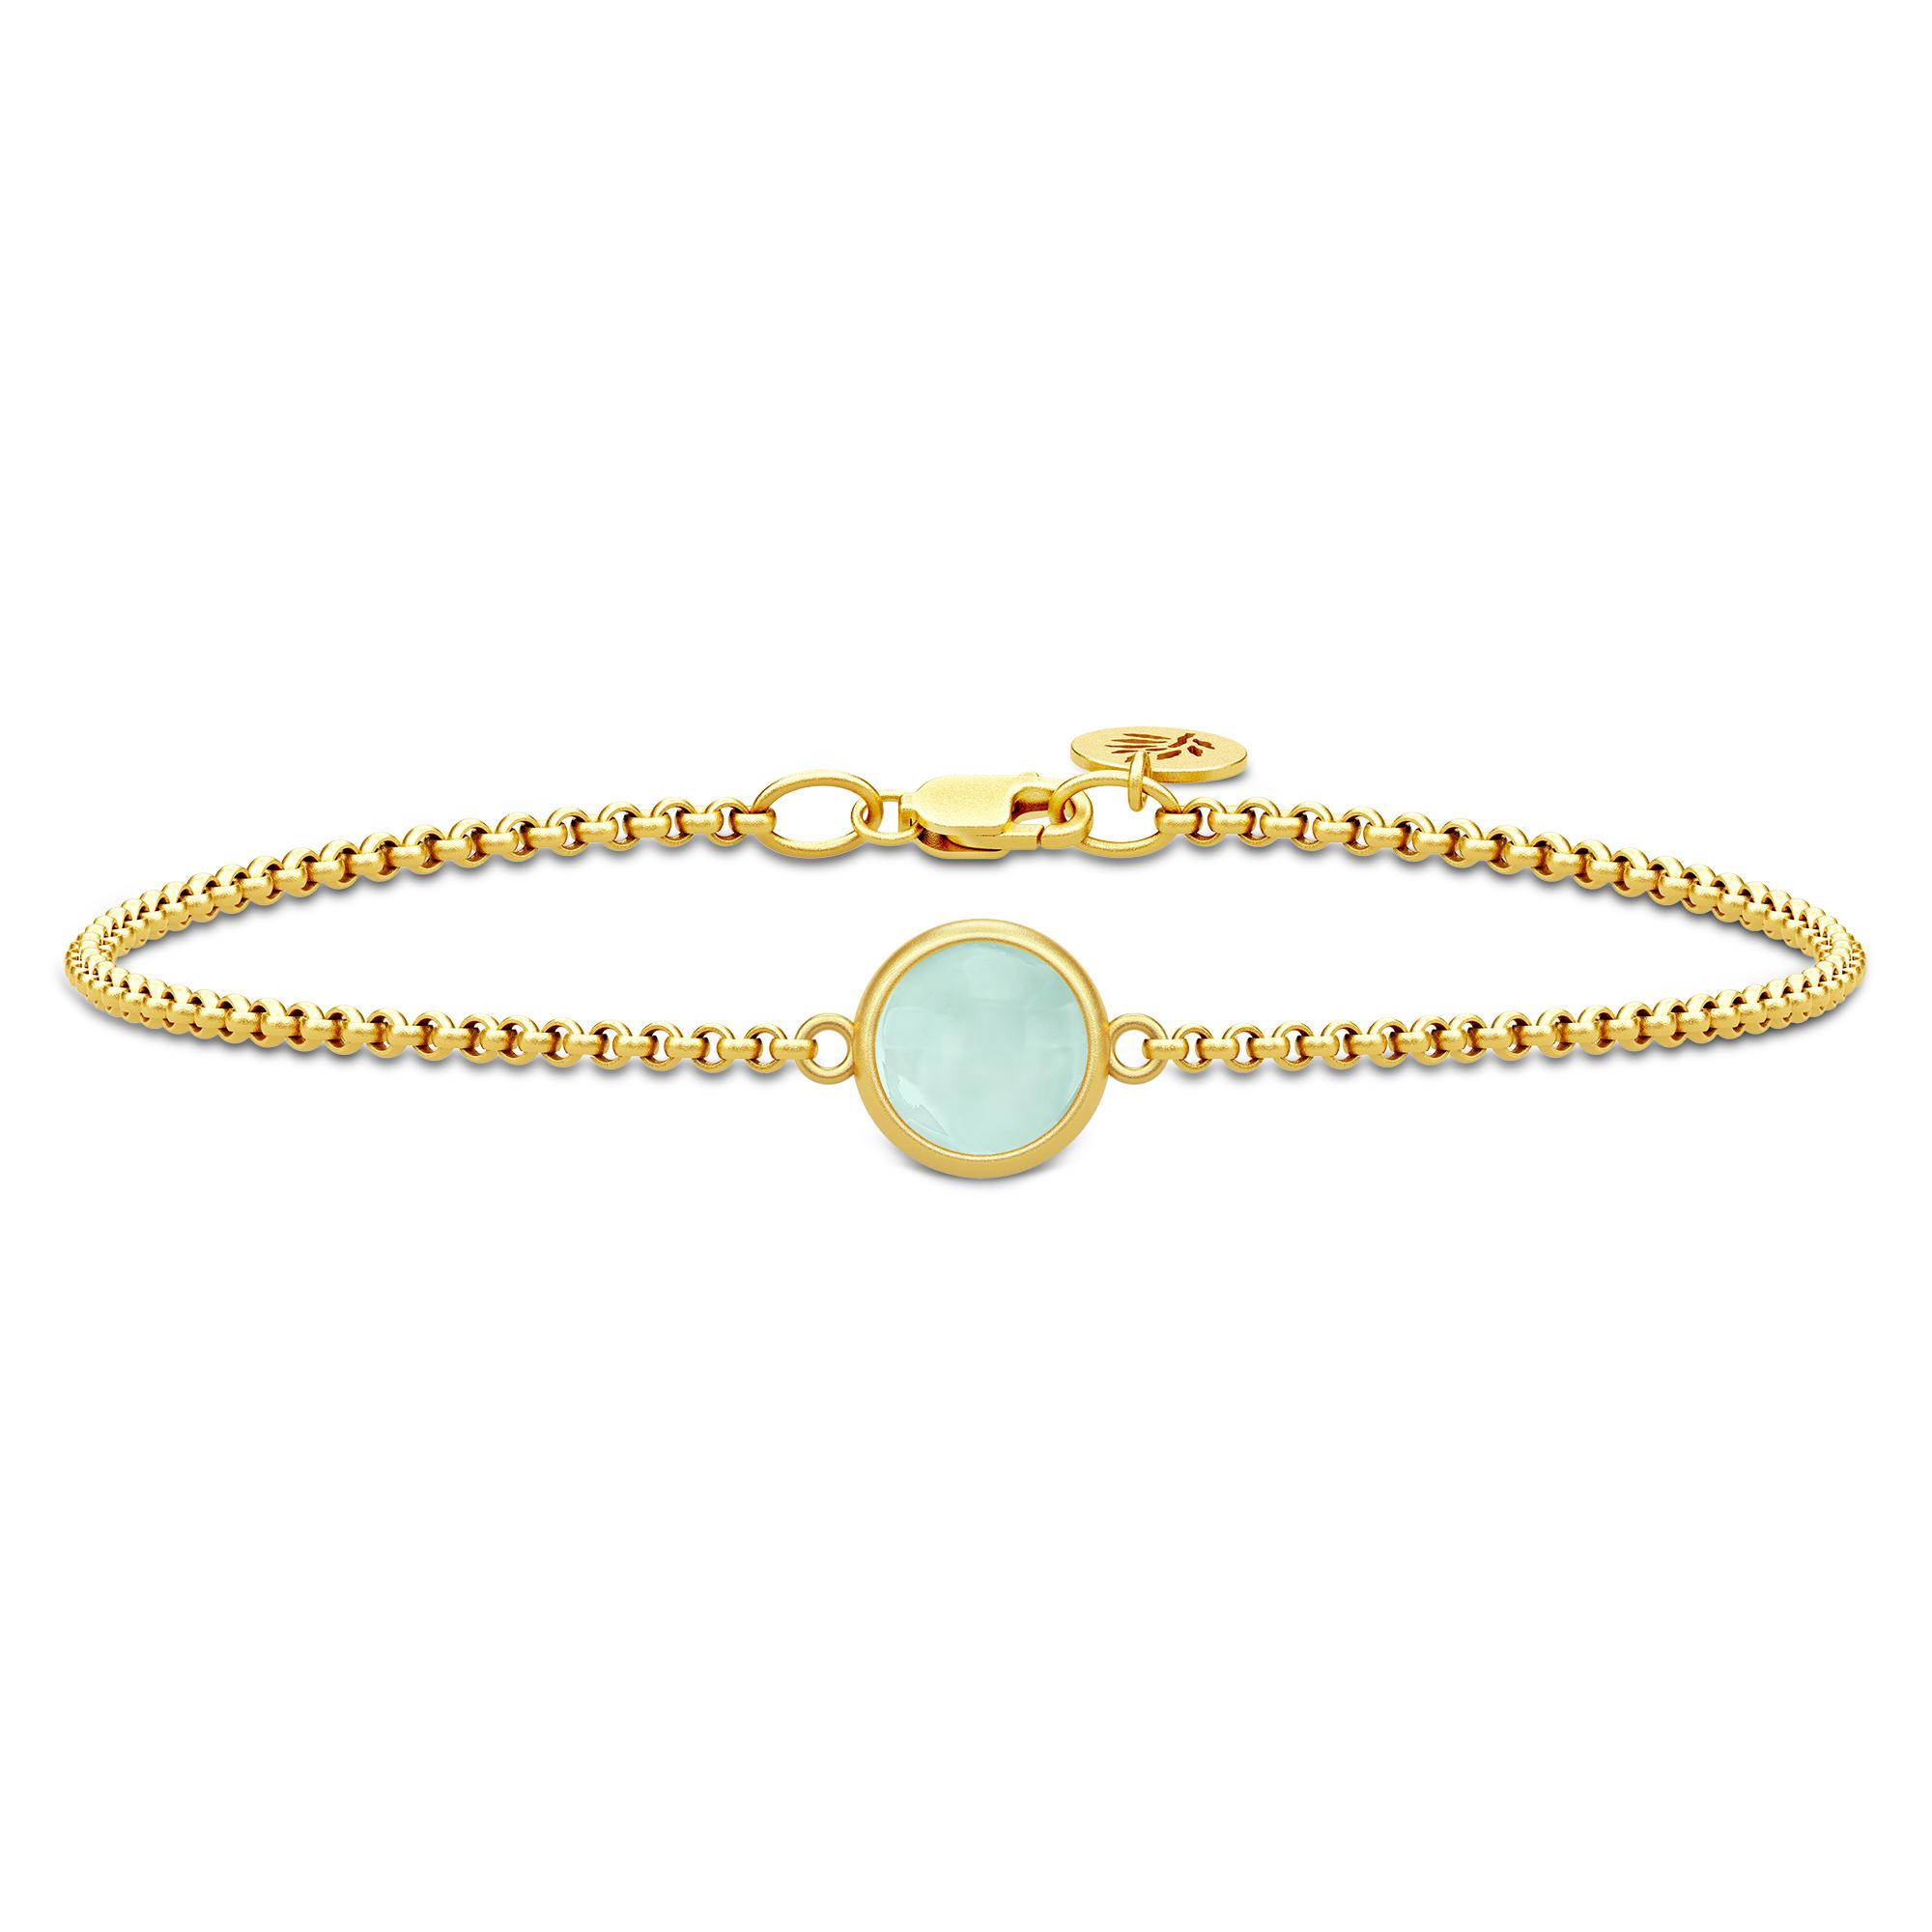 Julie Sandlau Primini armbånd i forgyldt med lysegrøn krystal